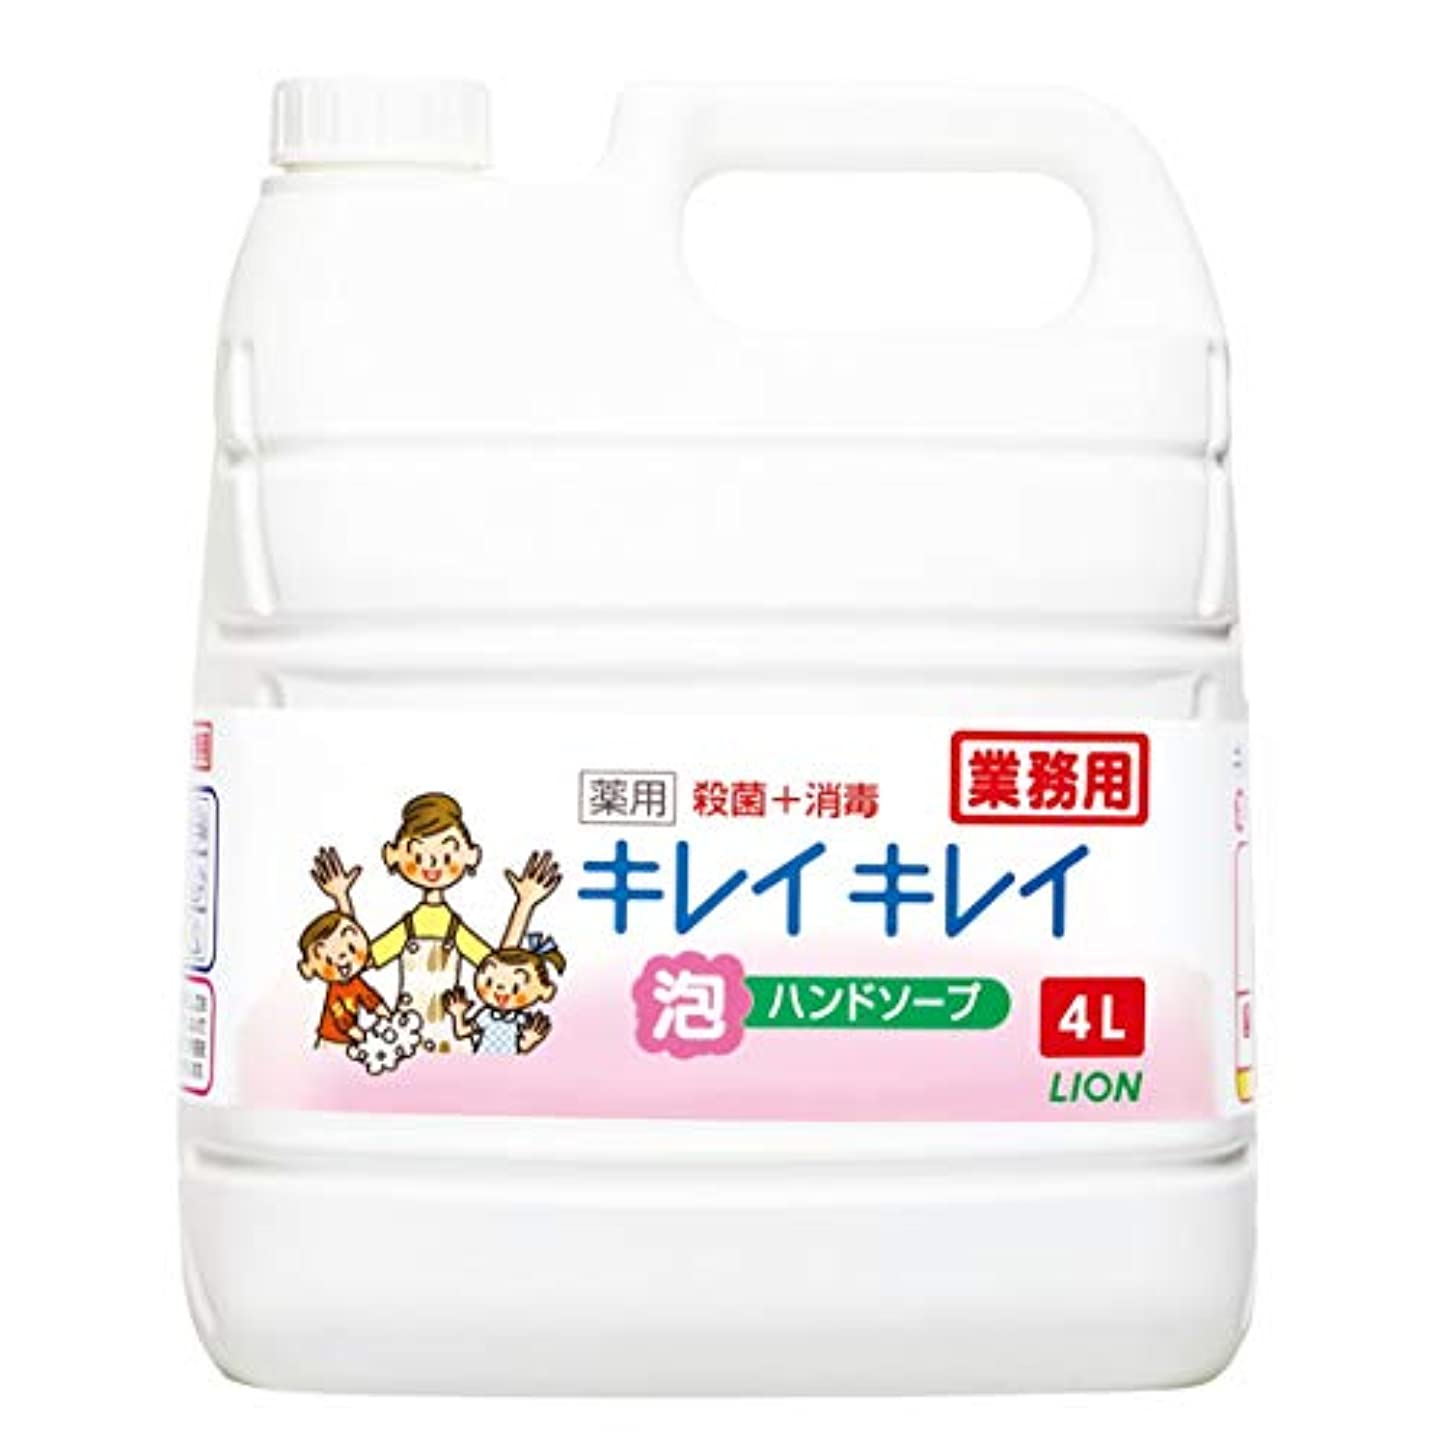 引き出し懸念半ば【業務用 大容量】キレイキレイ 薬用 泡ハンドソープ シトラスフルーティの香り 液体 単品 4L(医薬部外品)